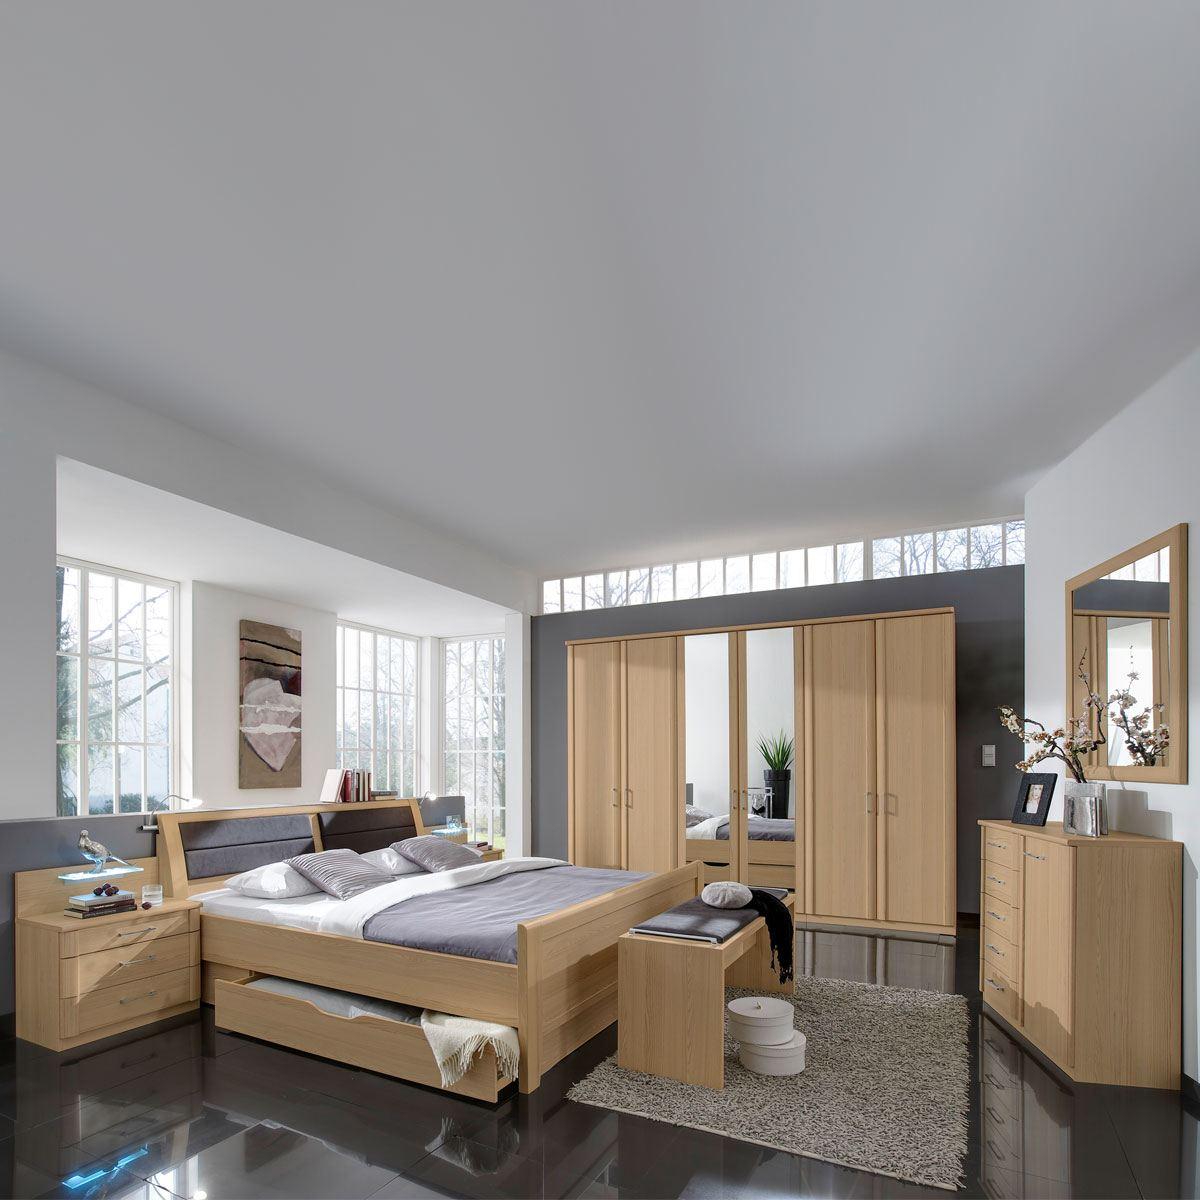 Wiemann Luxor 3 4 Schlafzimmer Doppelbett Bettkasten Drehturenschrank